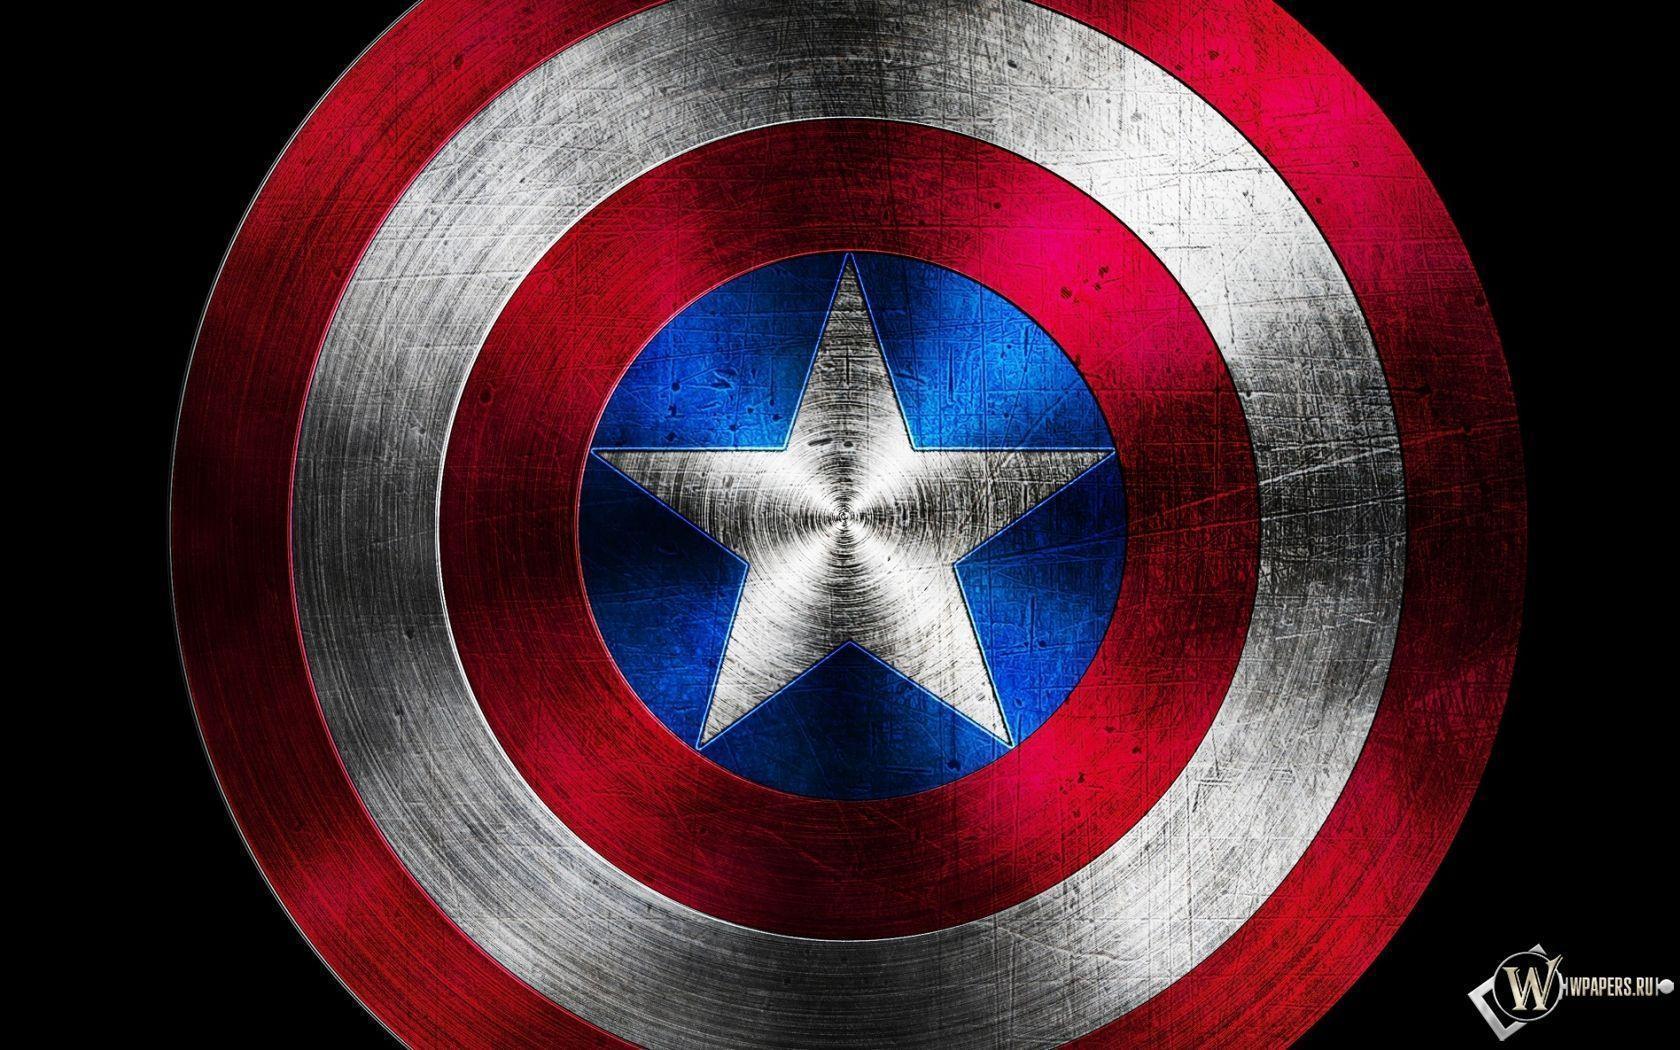 Captain America Shield Wallpaper - WallpaperSafari